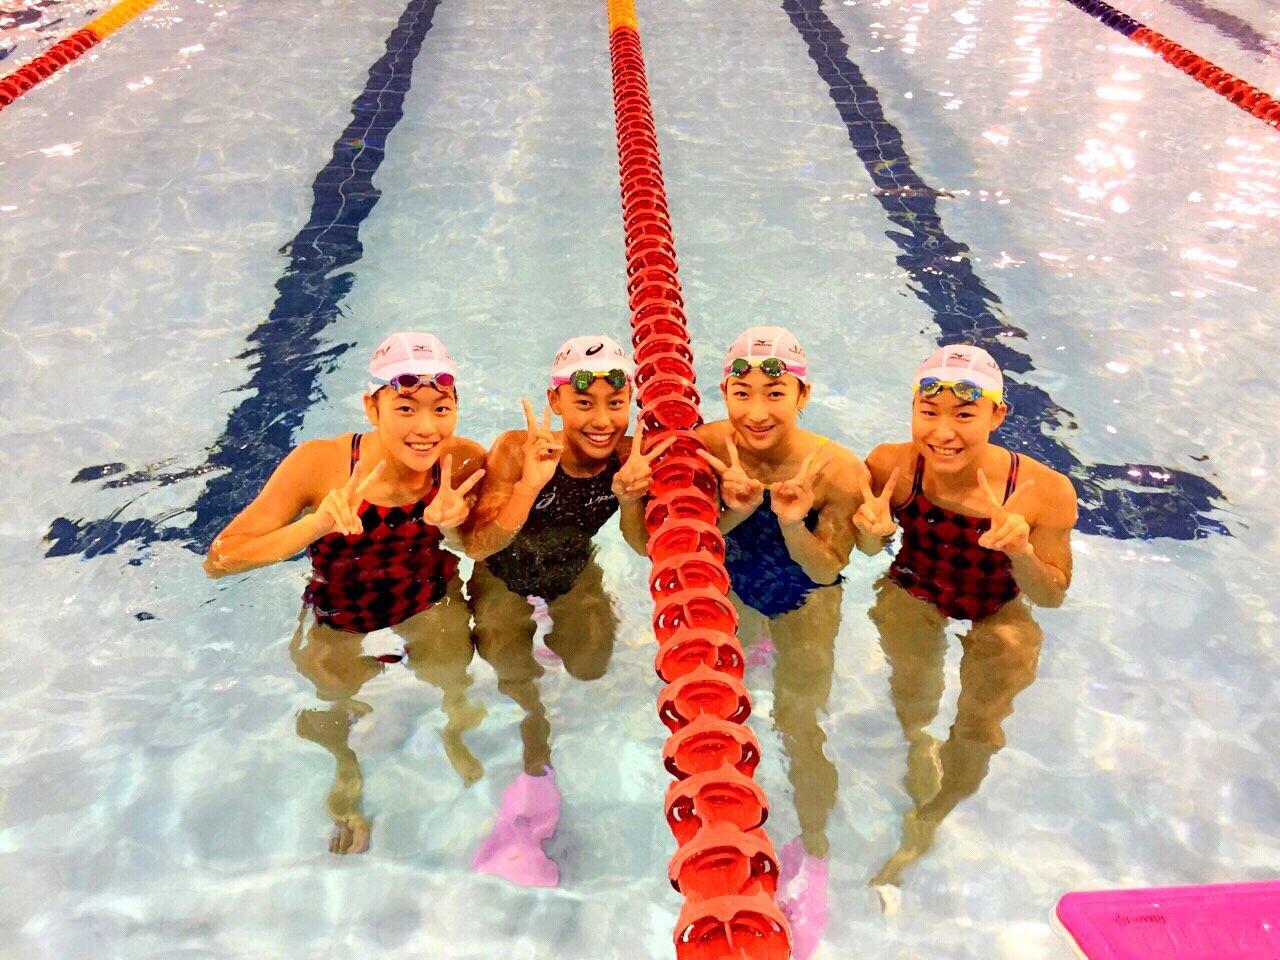 水泳部の競泳水着女子の画像 [無断転載禁止]©bbspink.comYouTube動画>4本 ->画像>288枚